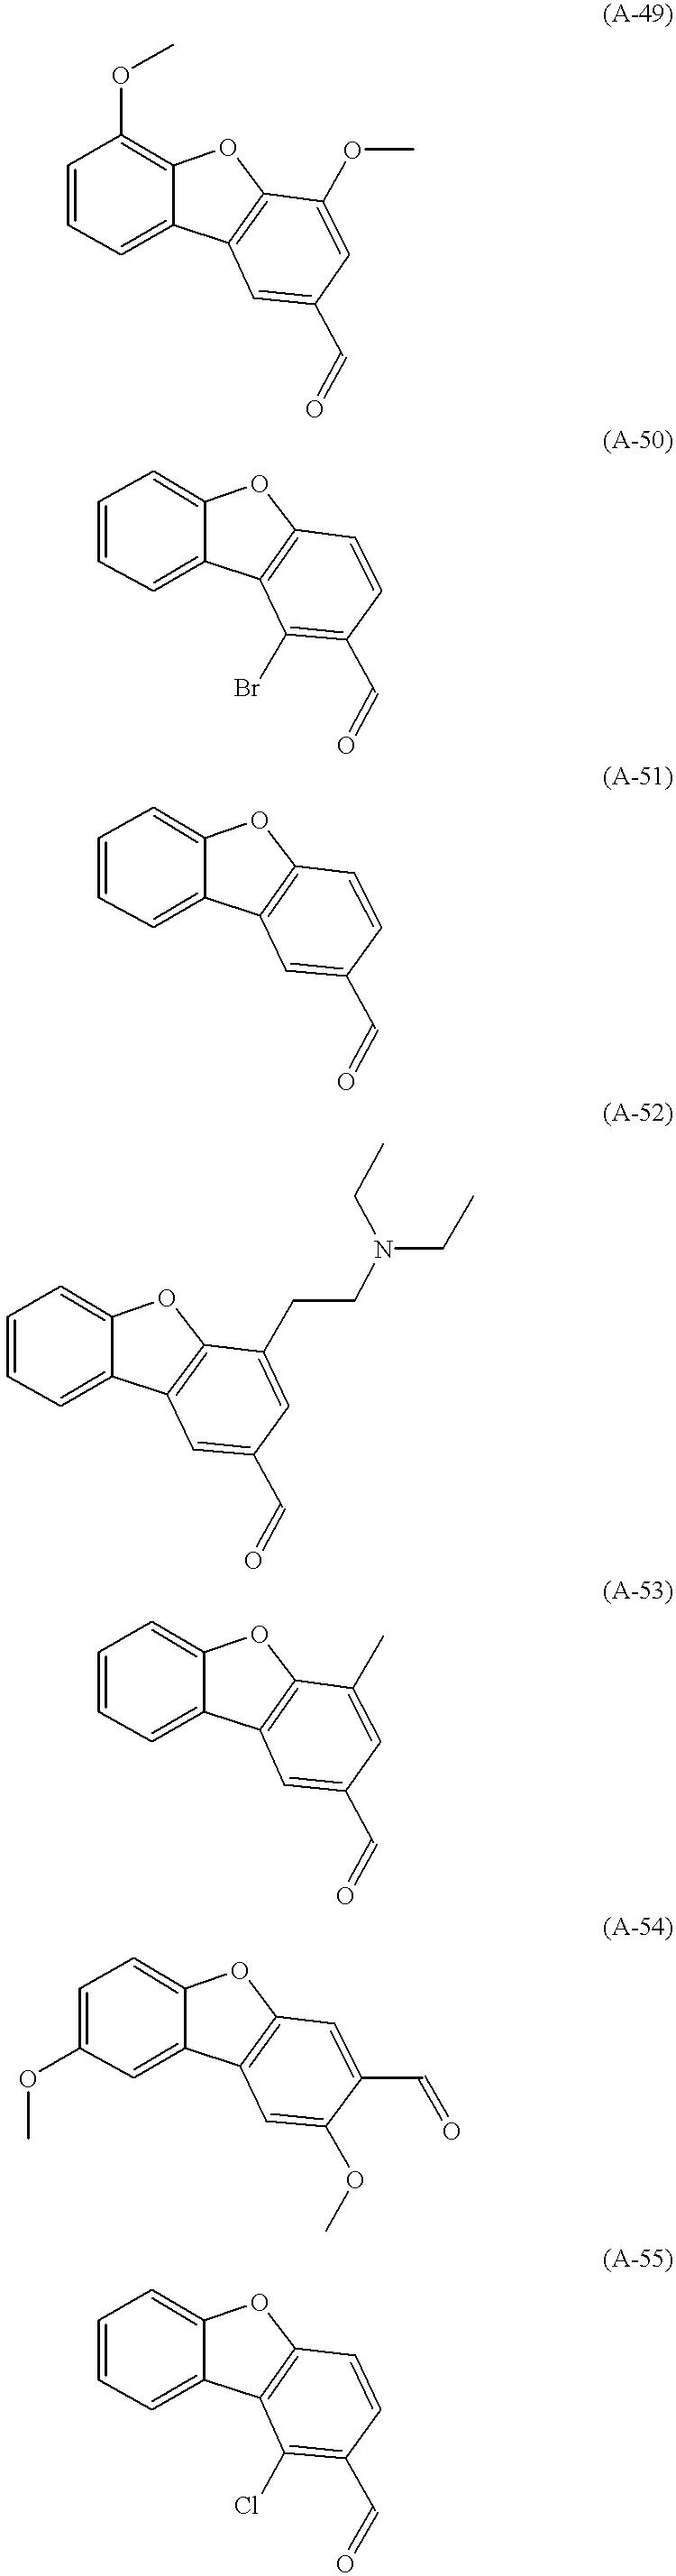 Figure US06514981-20030204-C00021